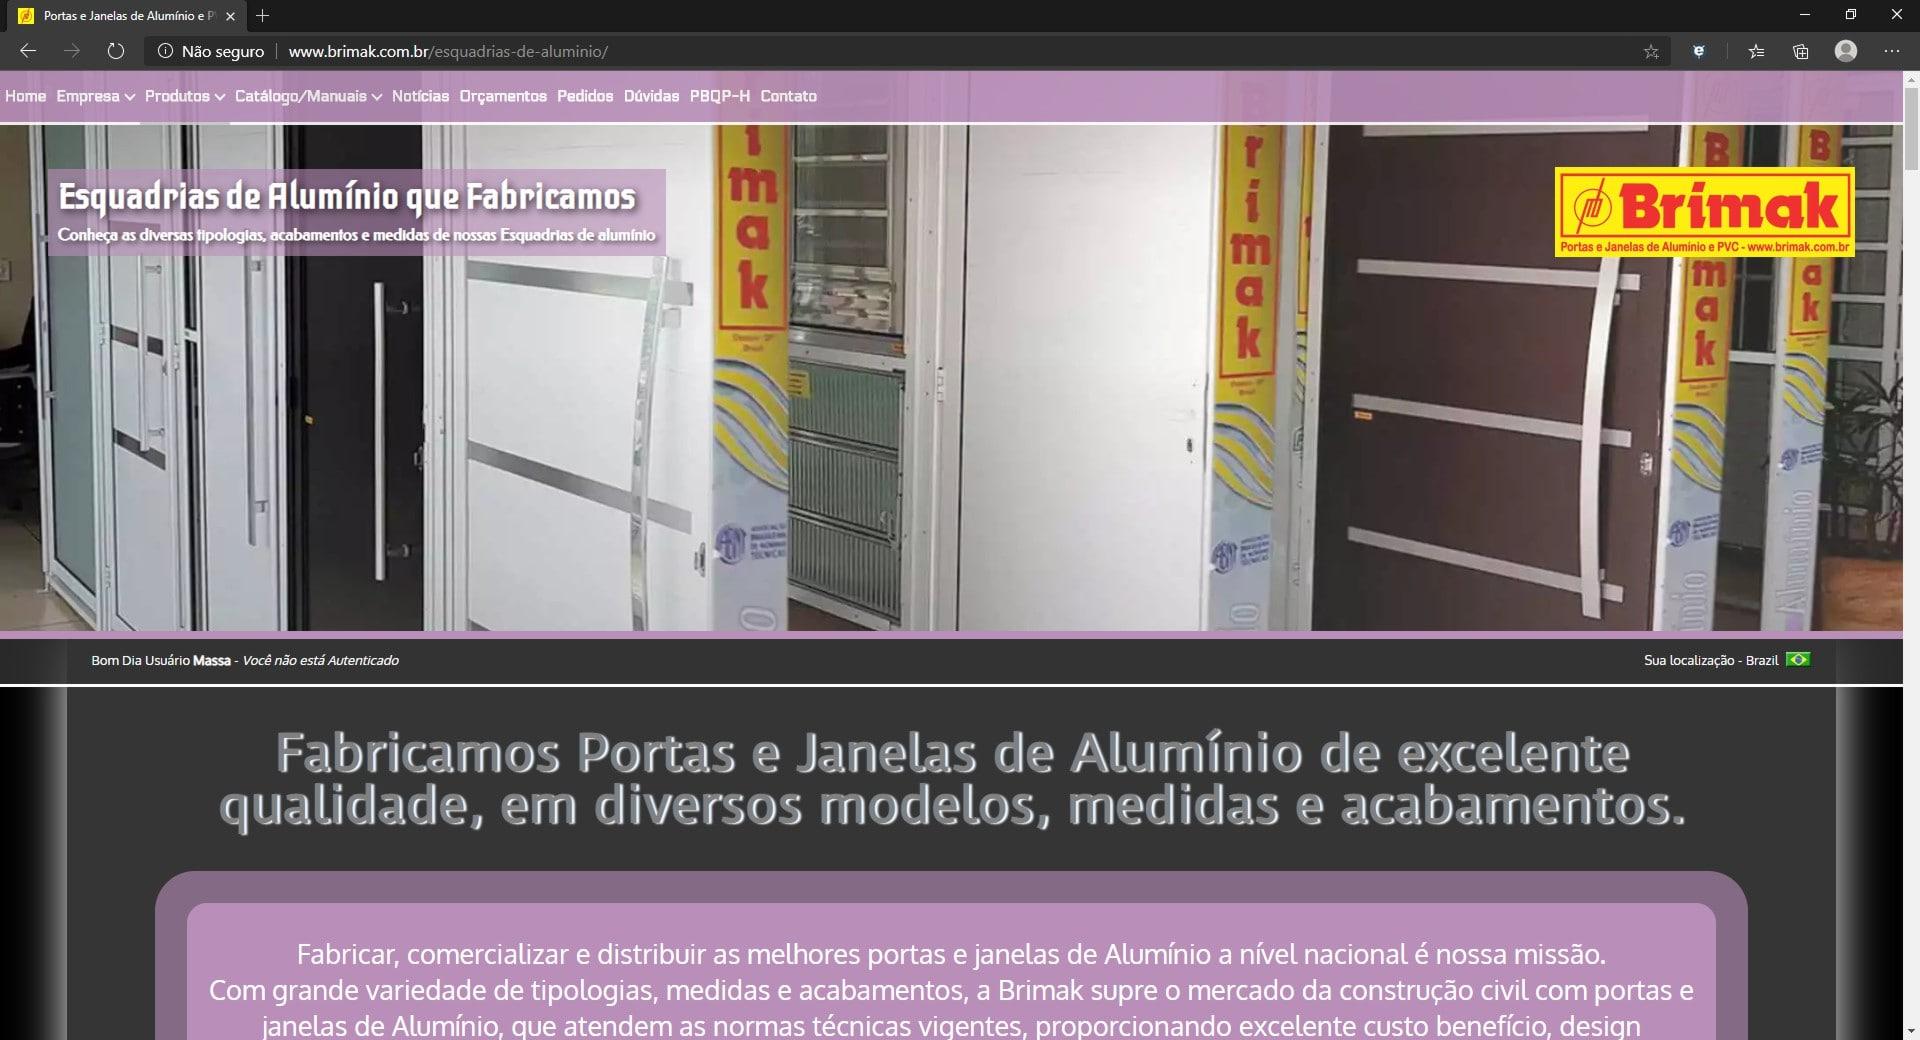 #C7BB04 Fabrica De Janelas De Aluminio Rj Pictures to pin on Pinterest 826 Loja De Janelas De Aluminio Em Guarulhos